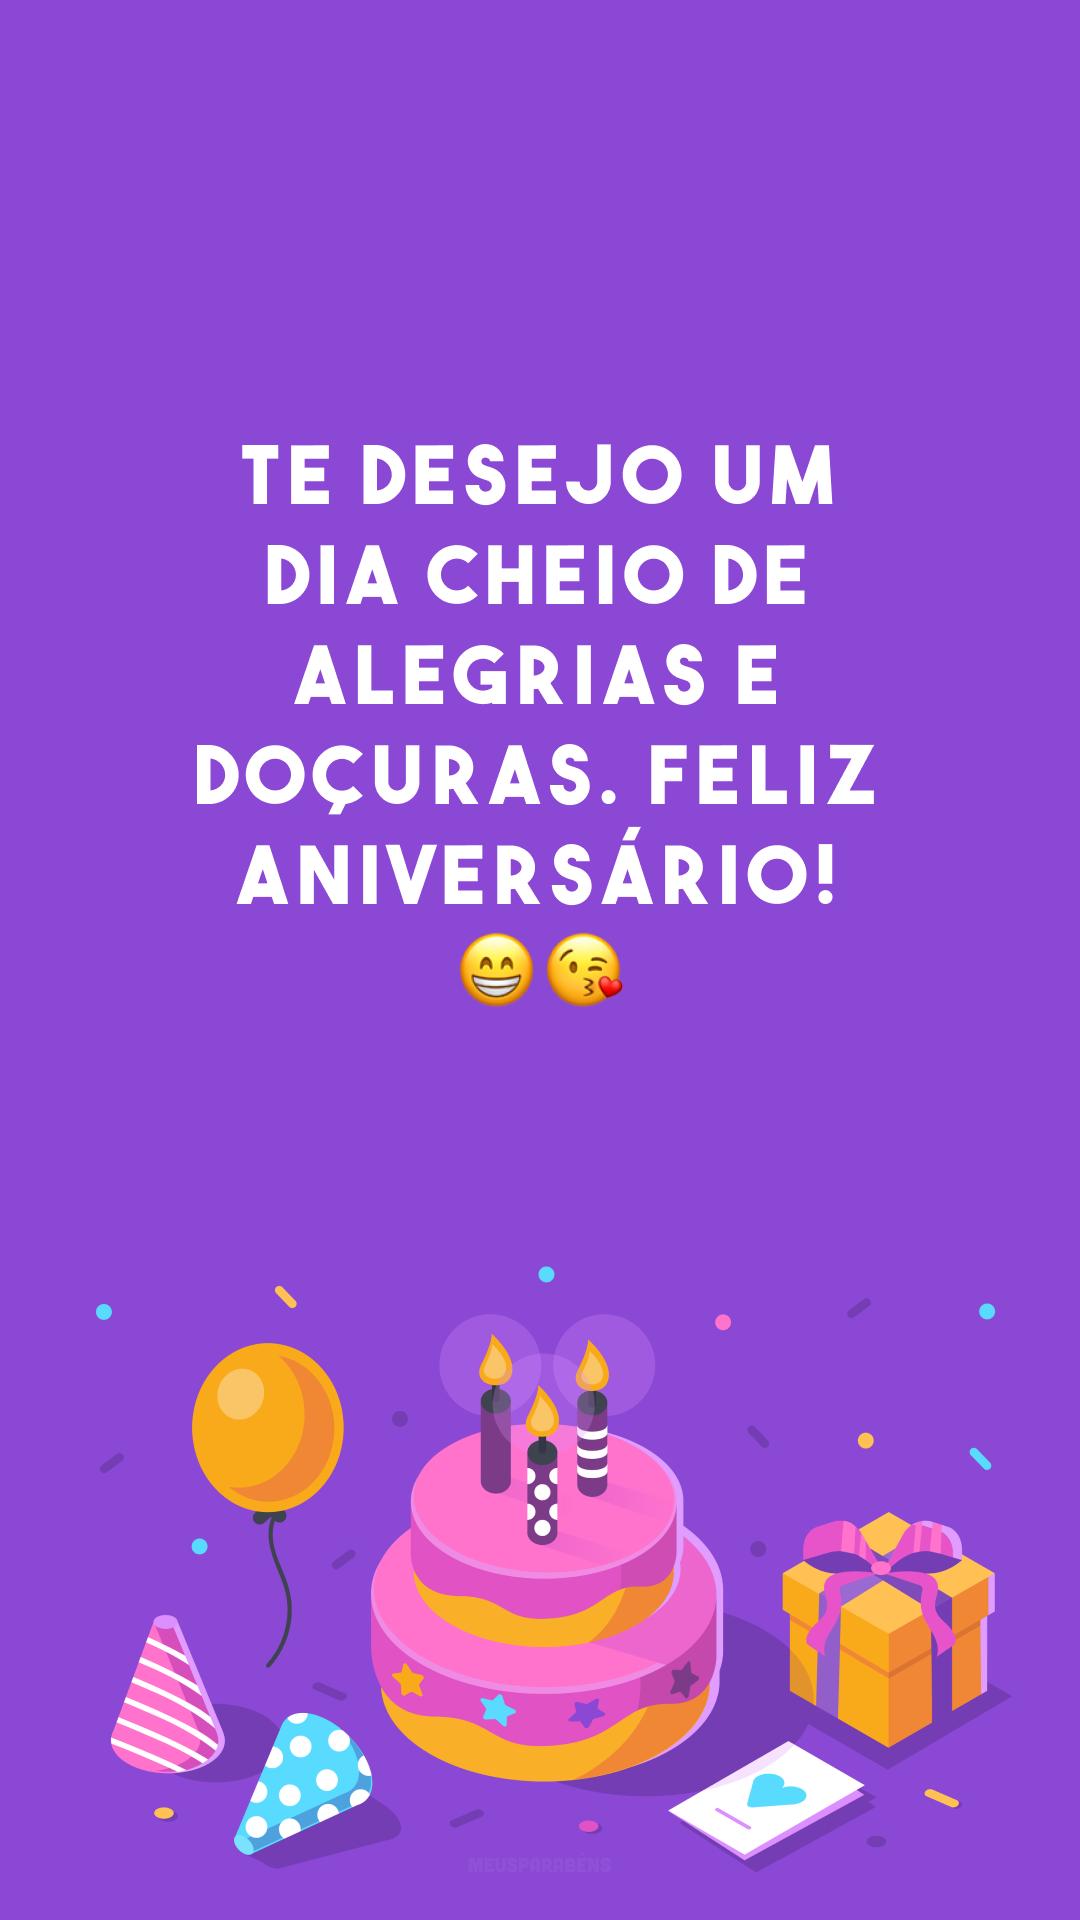 Te desejo um dia cheio de alegrias e doçuras. Feliz aniversário! 😁😘<br />